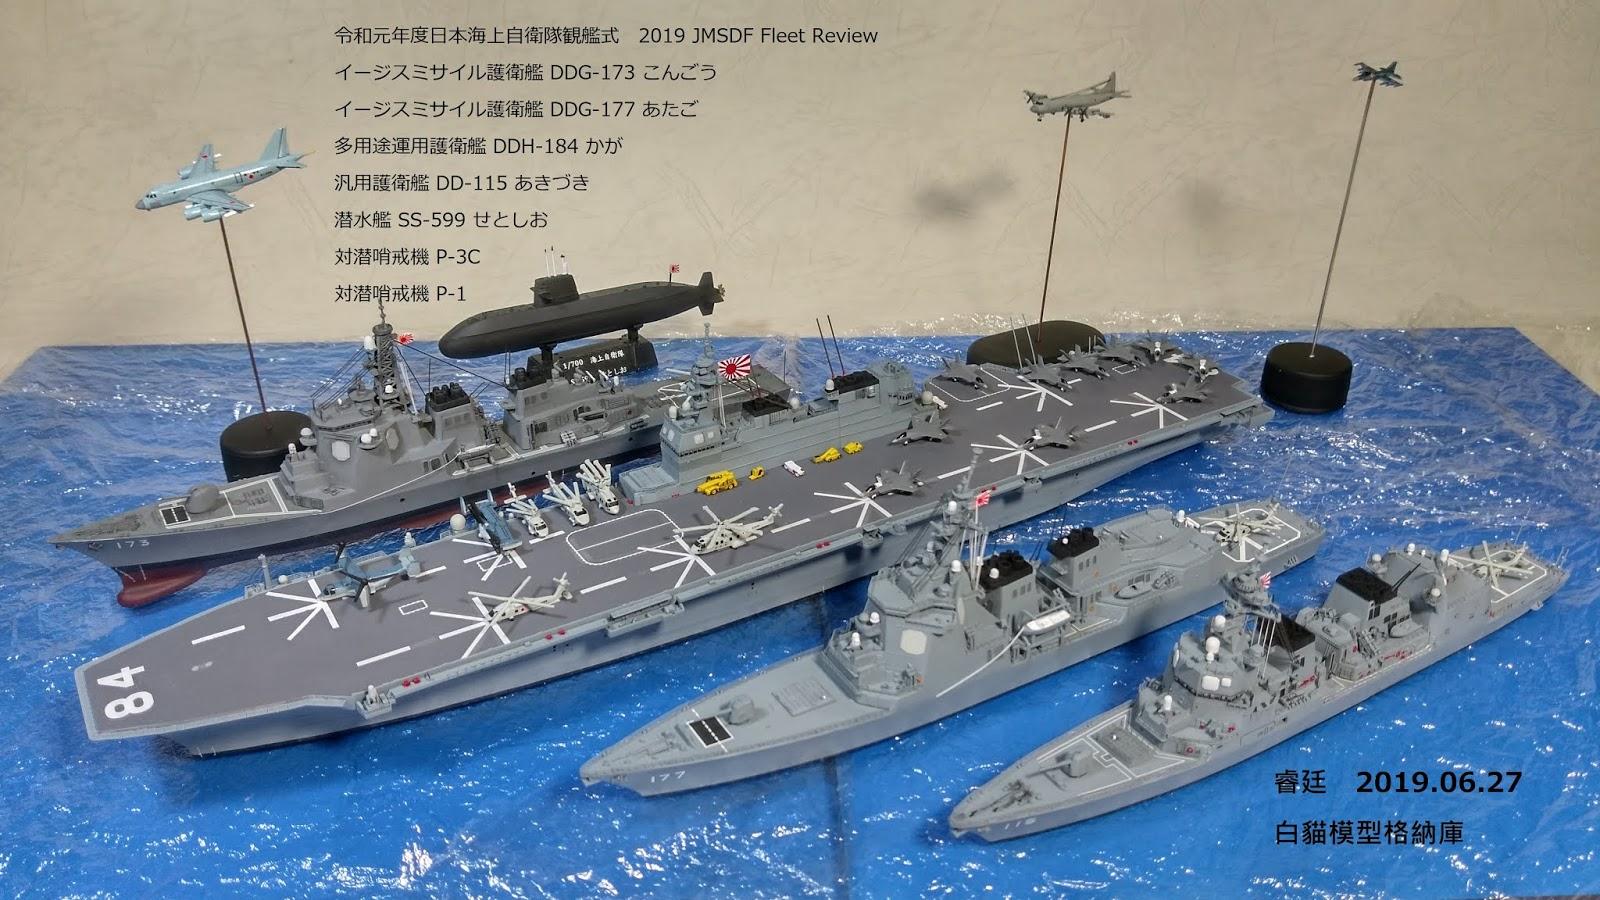 白貓模型格納庫 2019年日本海上自衛隊觀艦式2019 Jmsdf Fleet Review